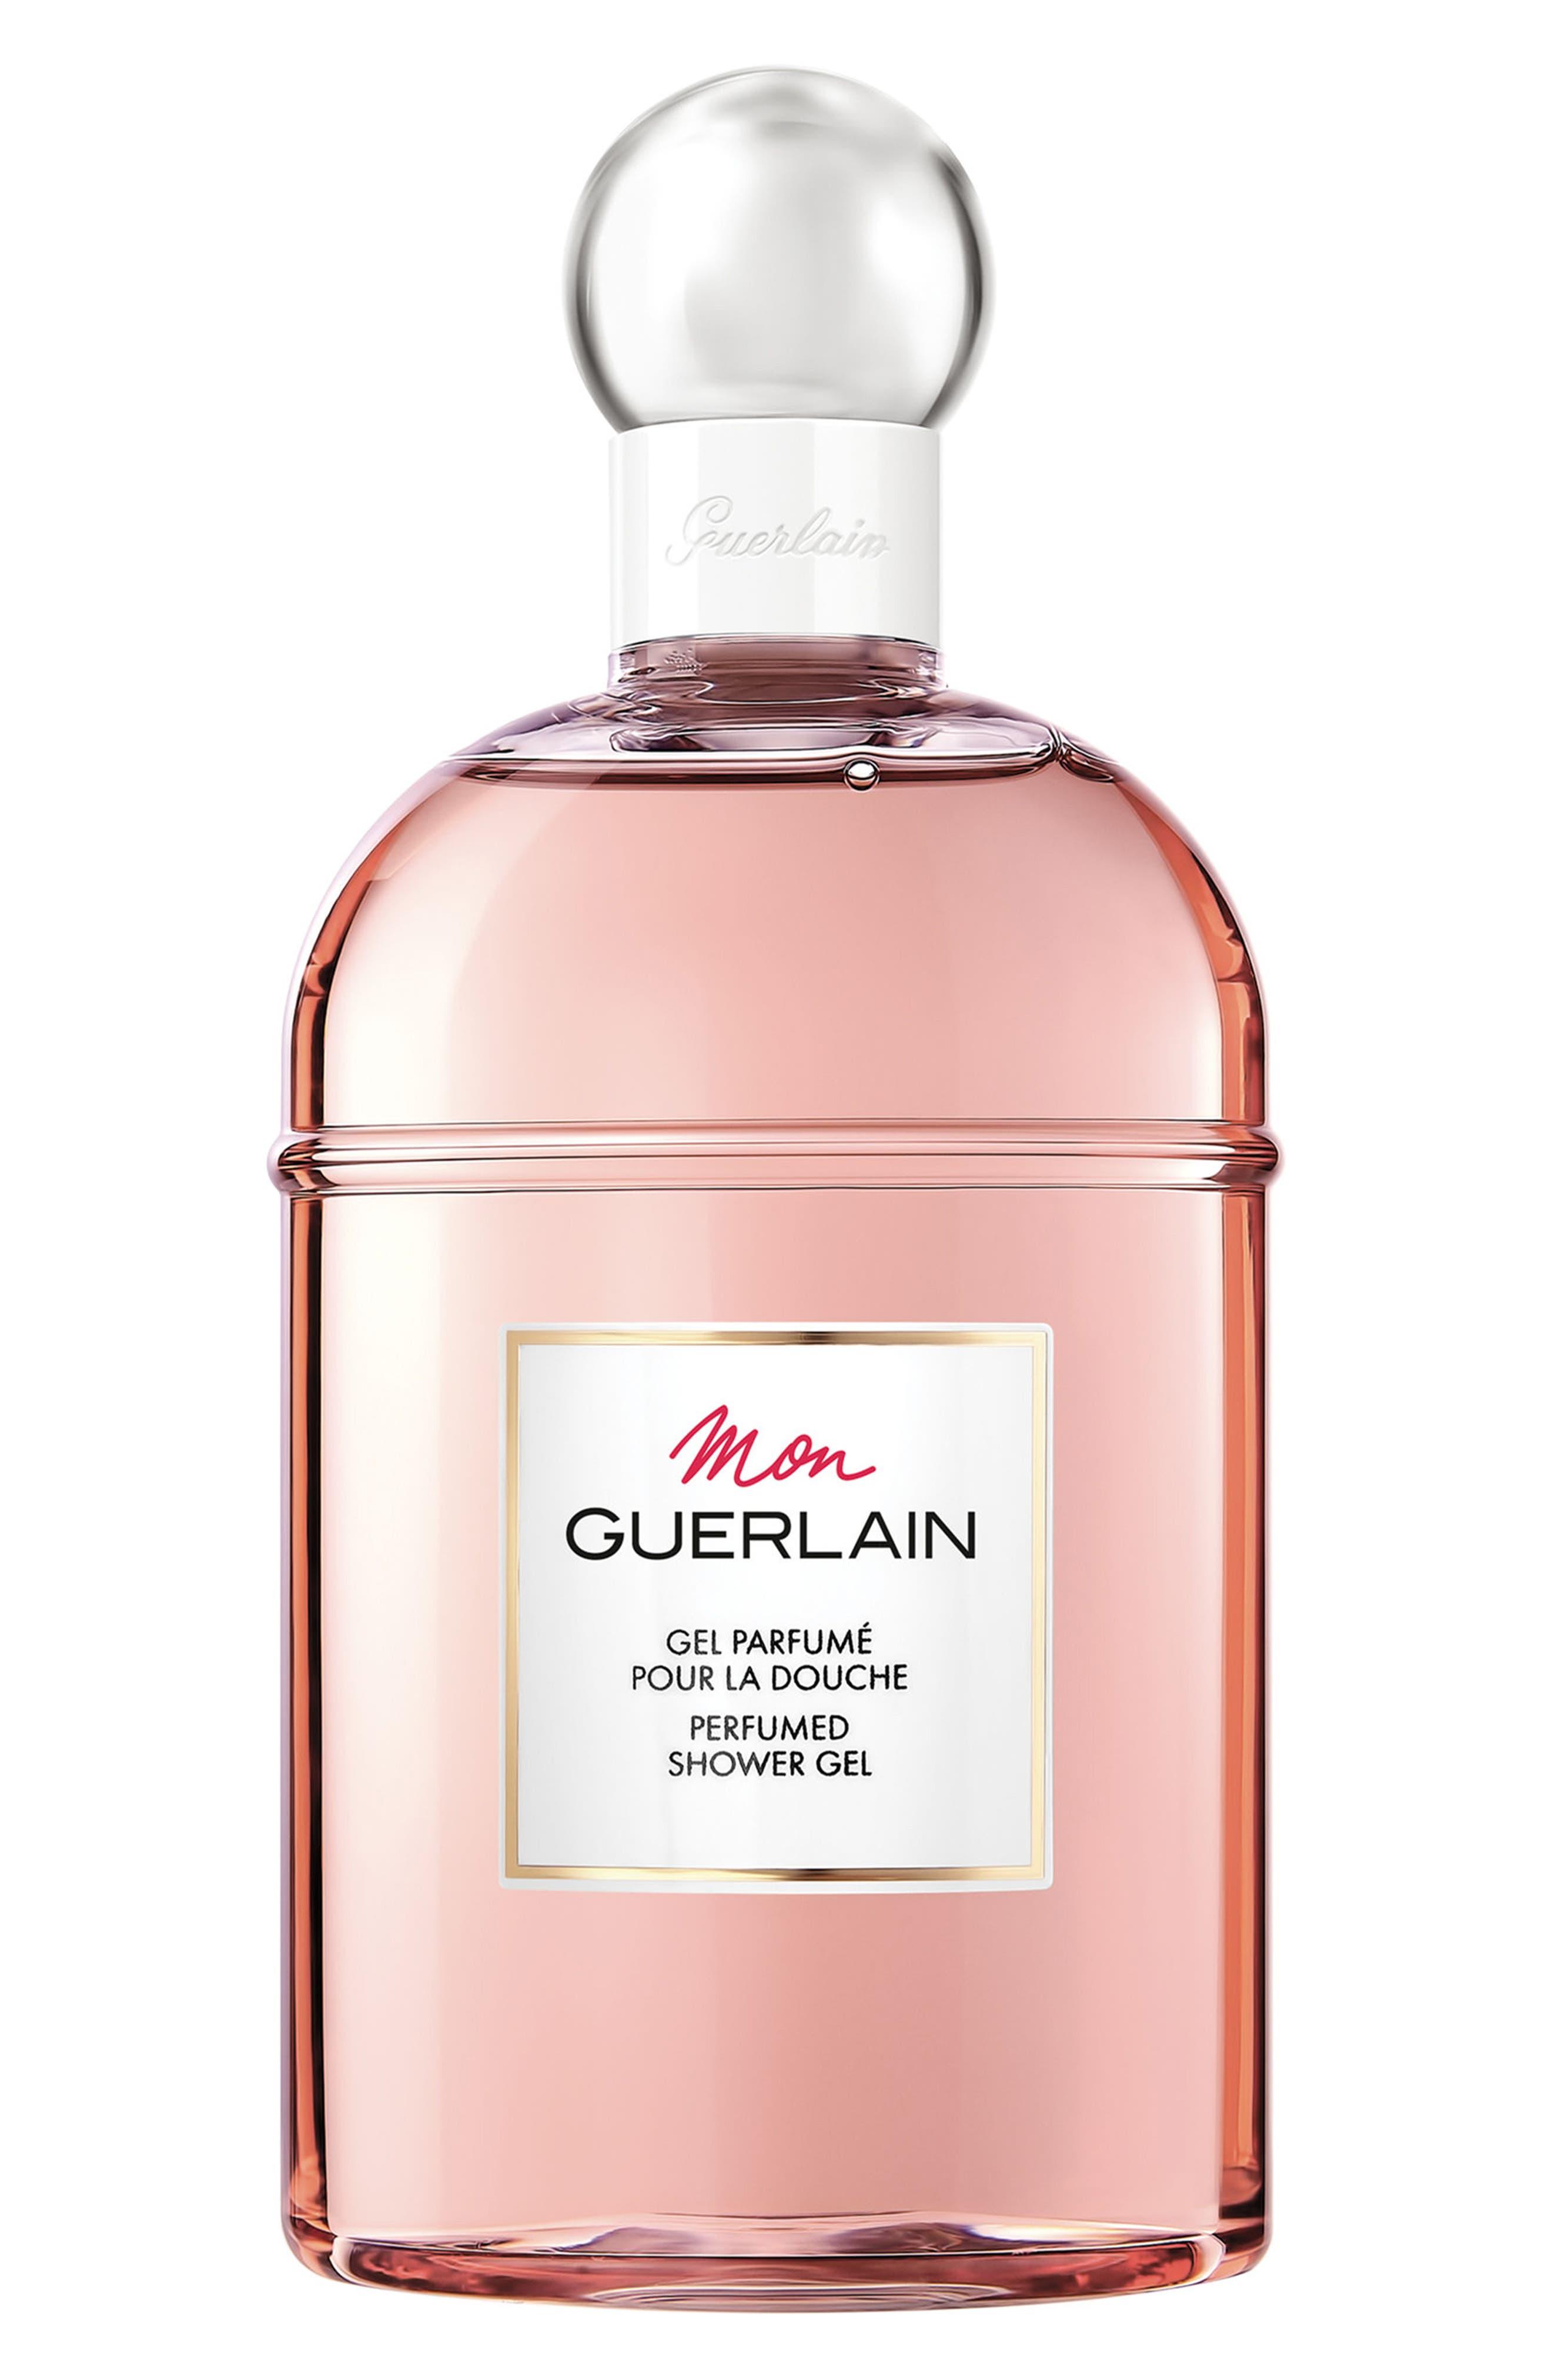 Mon Guerlain Perfumed Shower Gel,                             Main thumbnail 1, color,                             NO COLOR